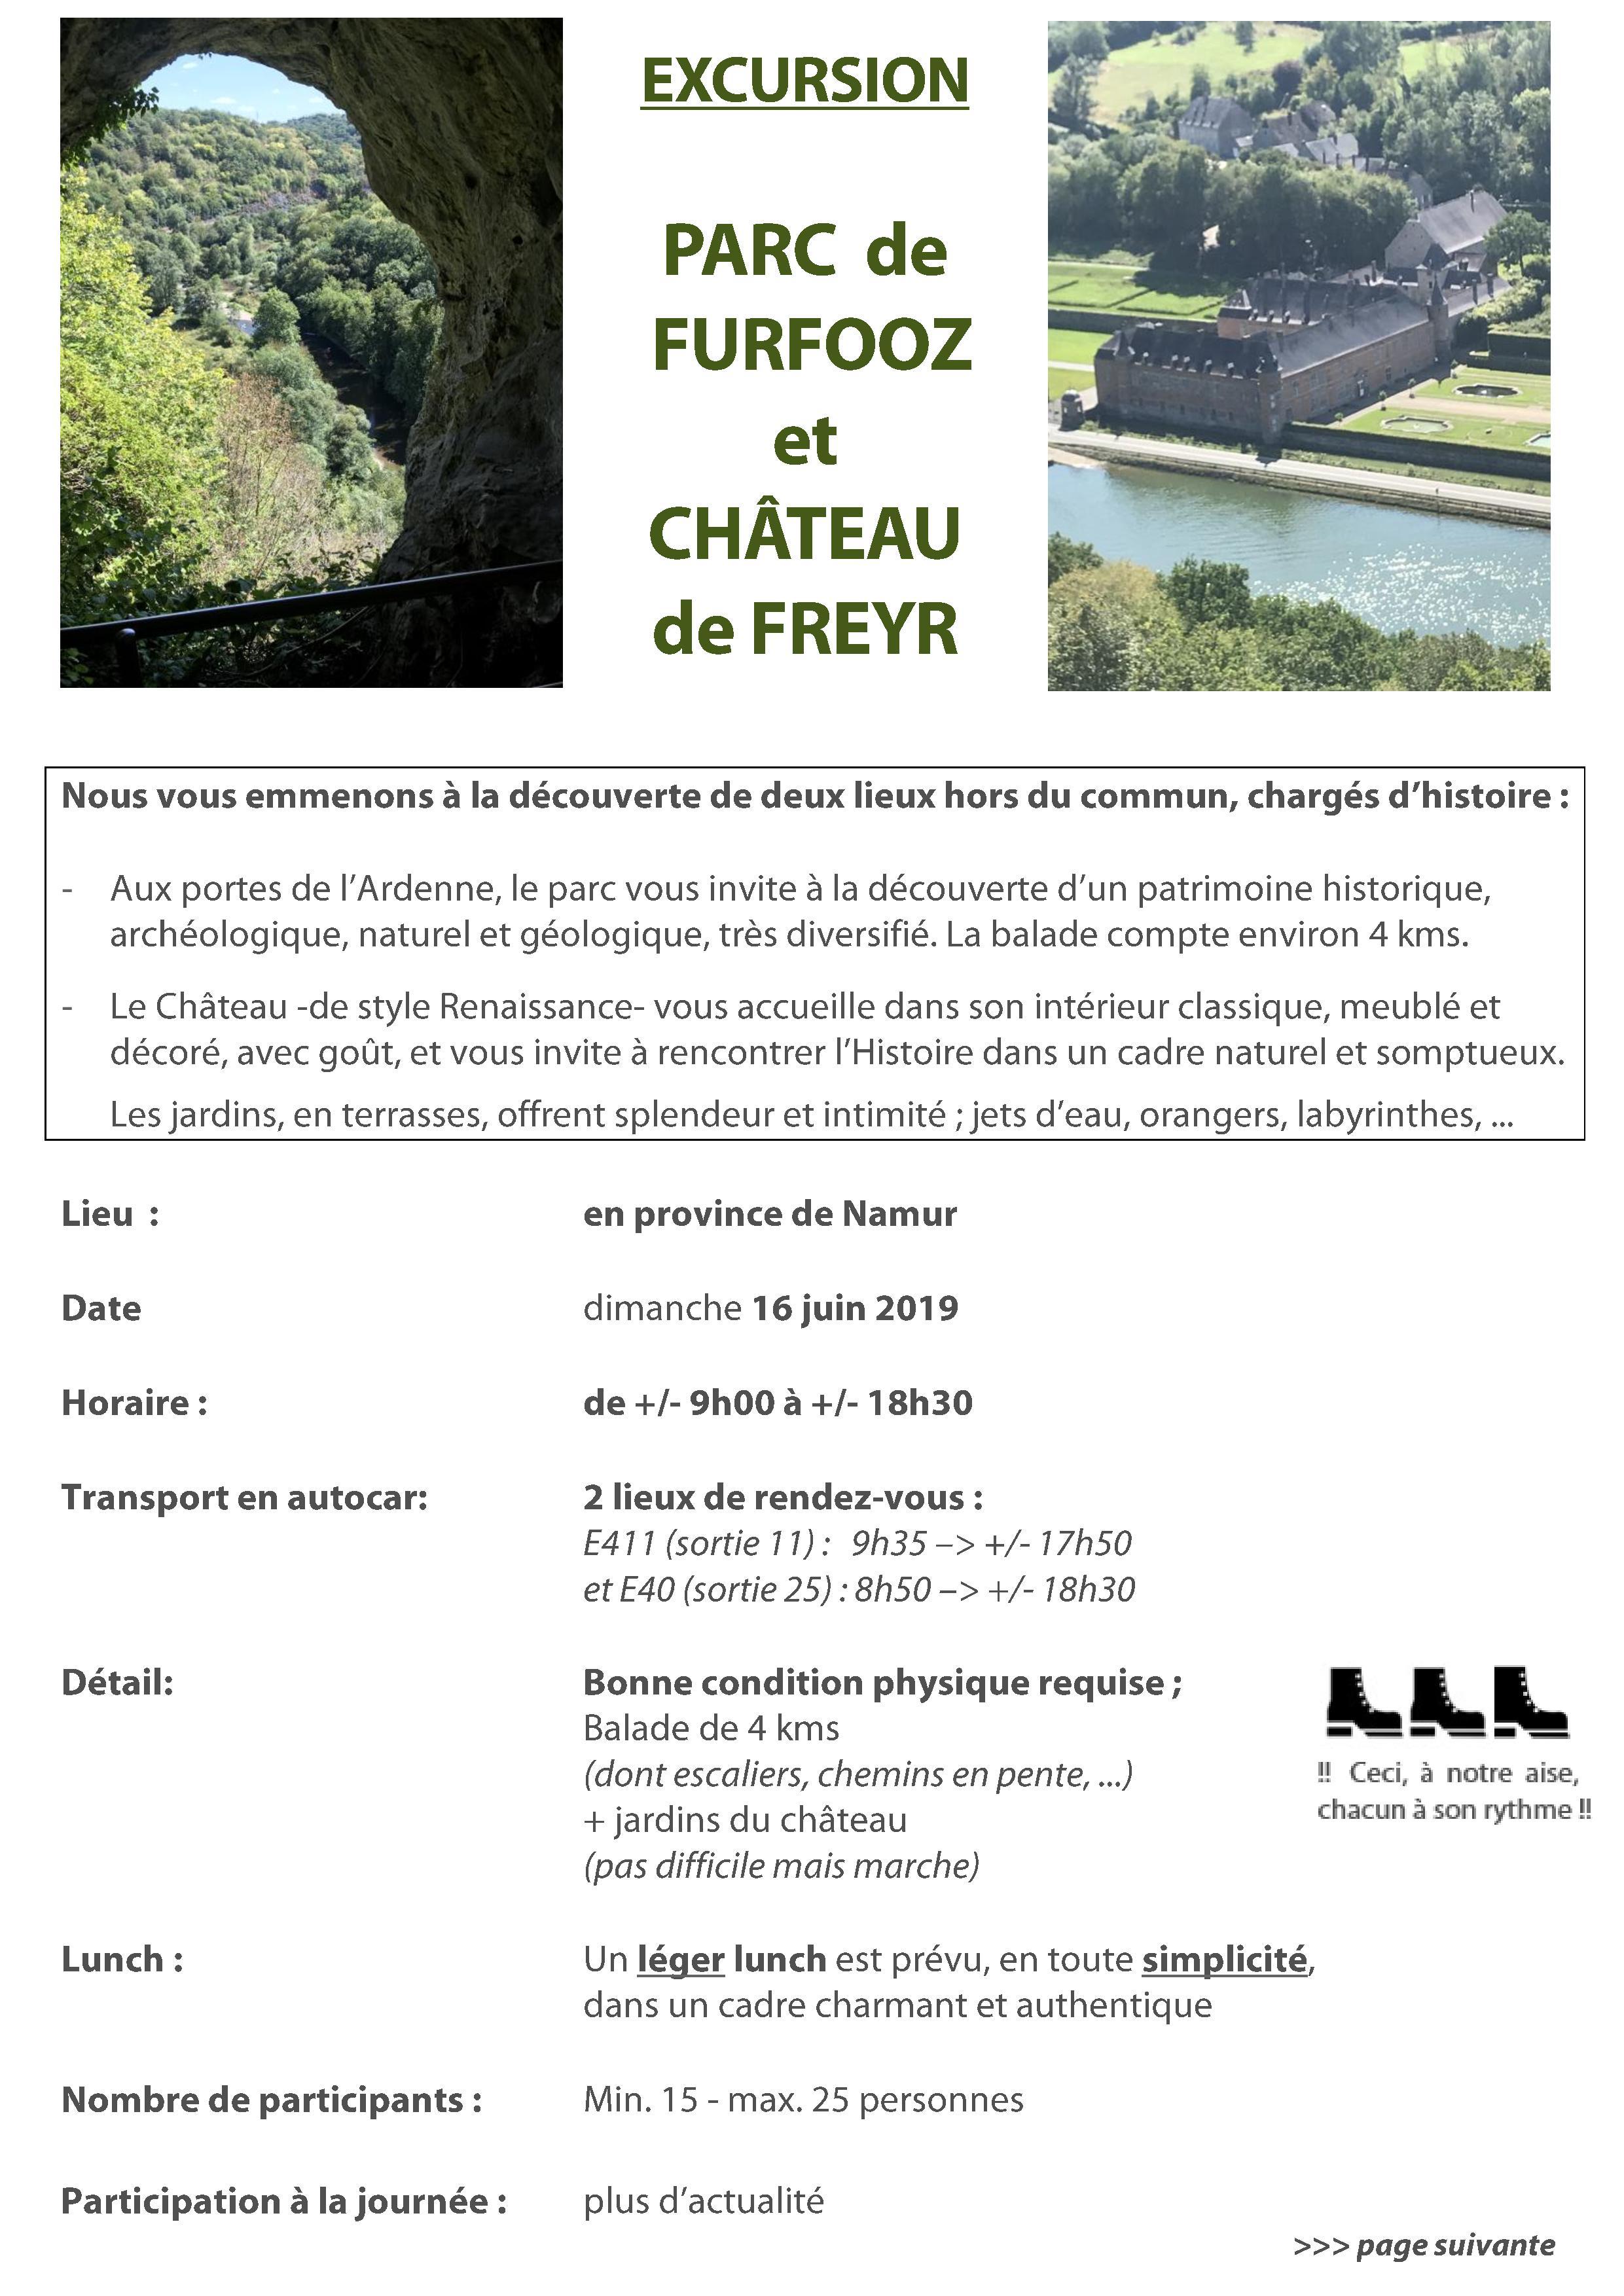 Parc de Furfooz et Château de Freyr